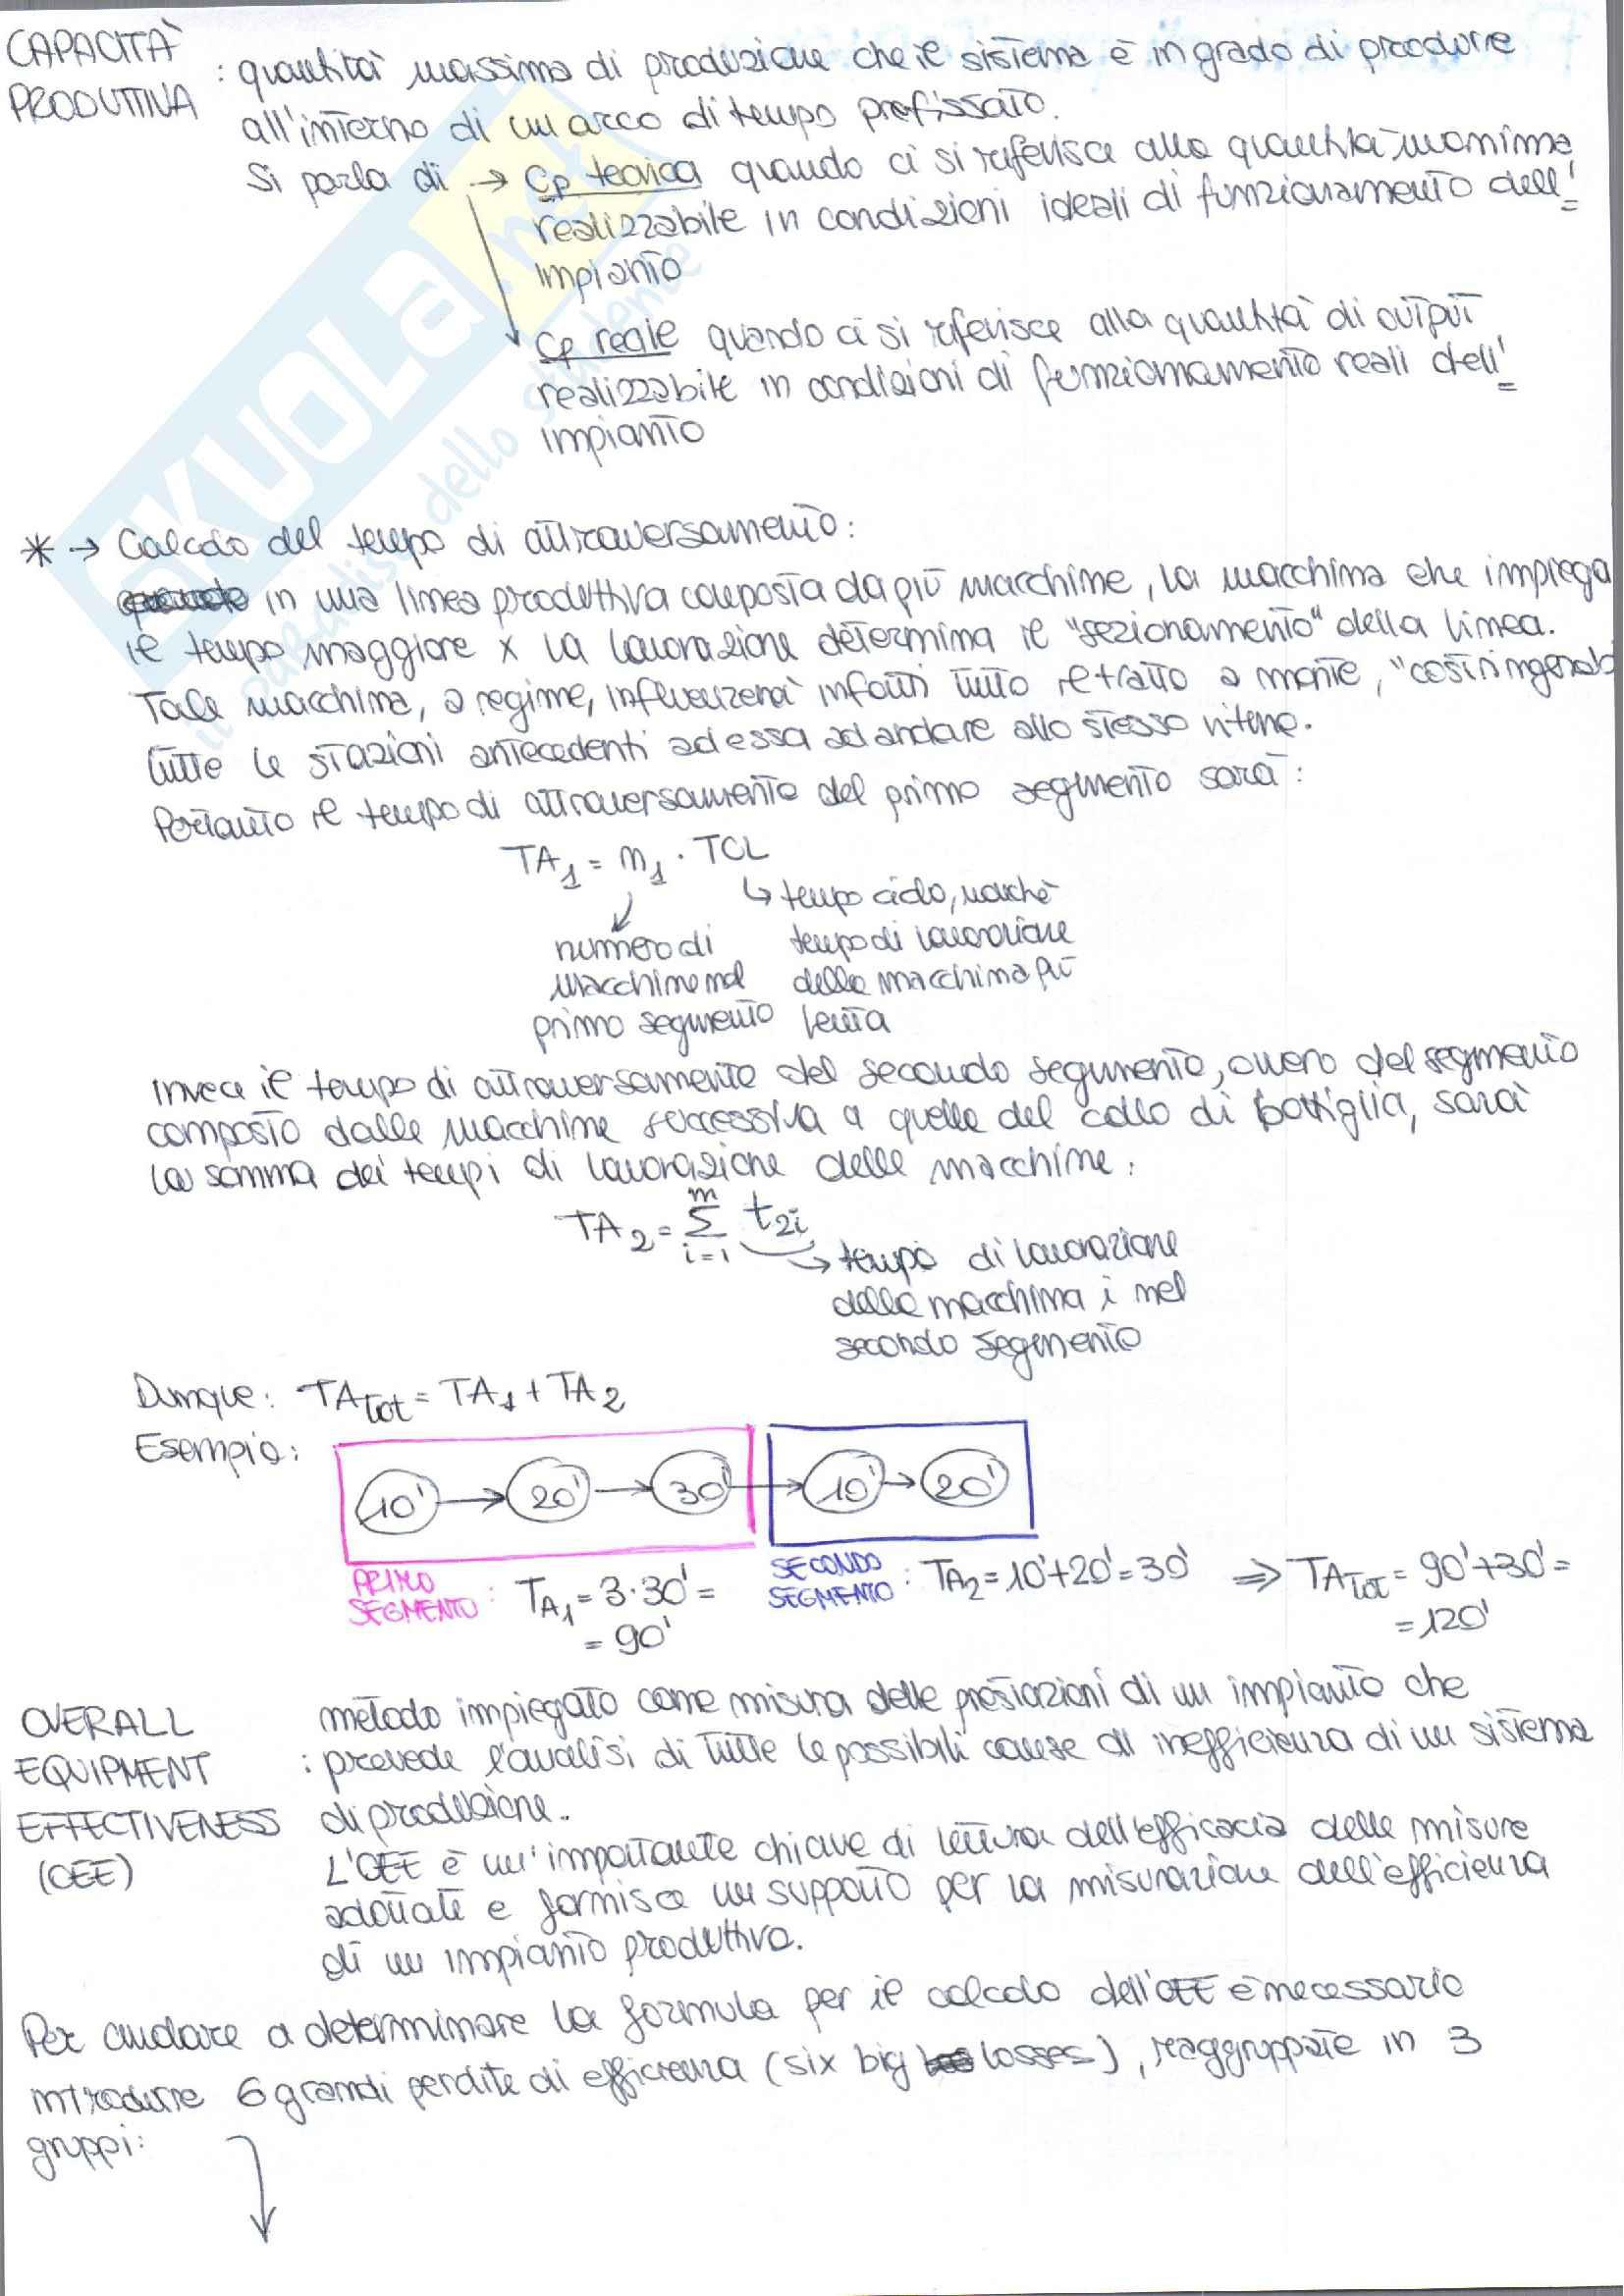 Appunti di Gestione degli Impianti Industriali prof. Costantino Pag. 2